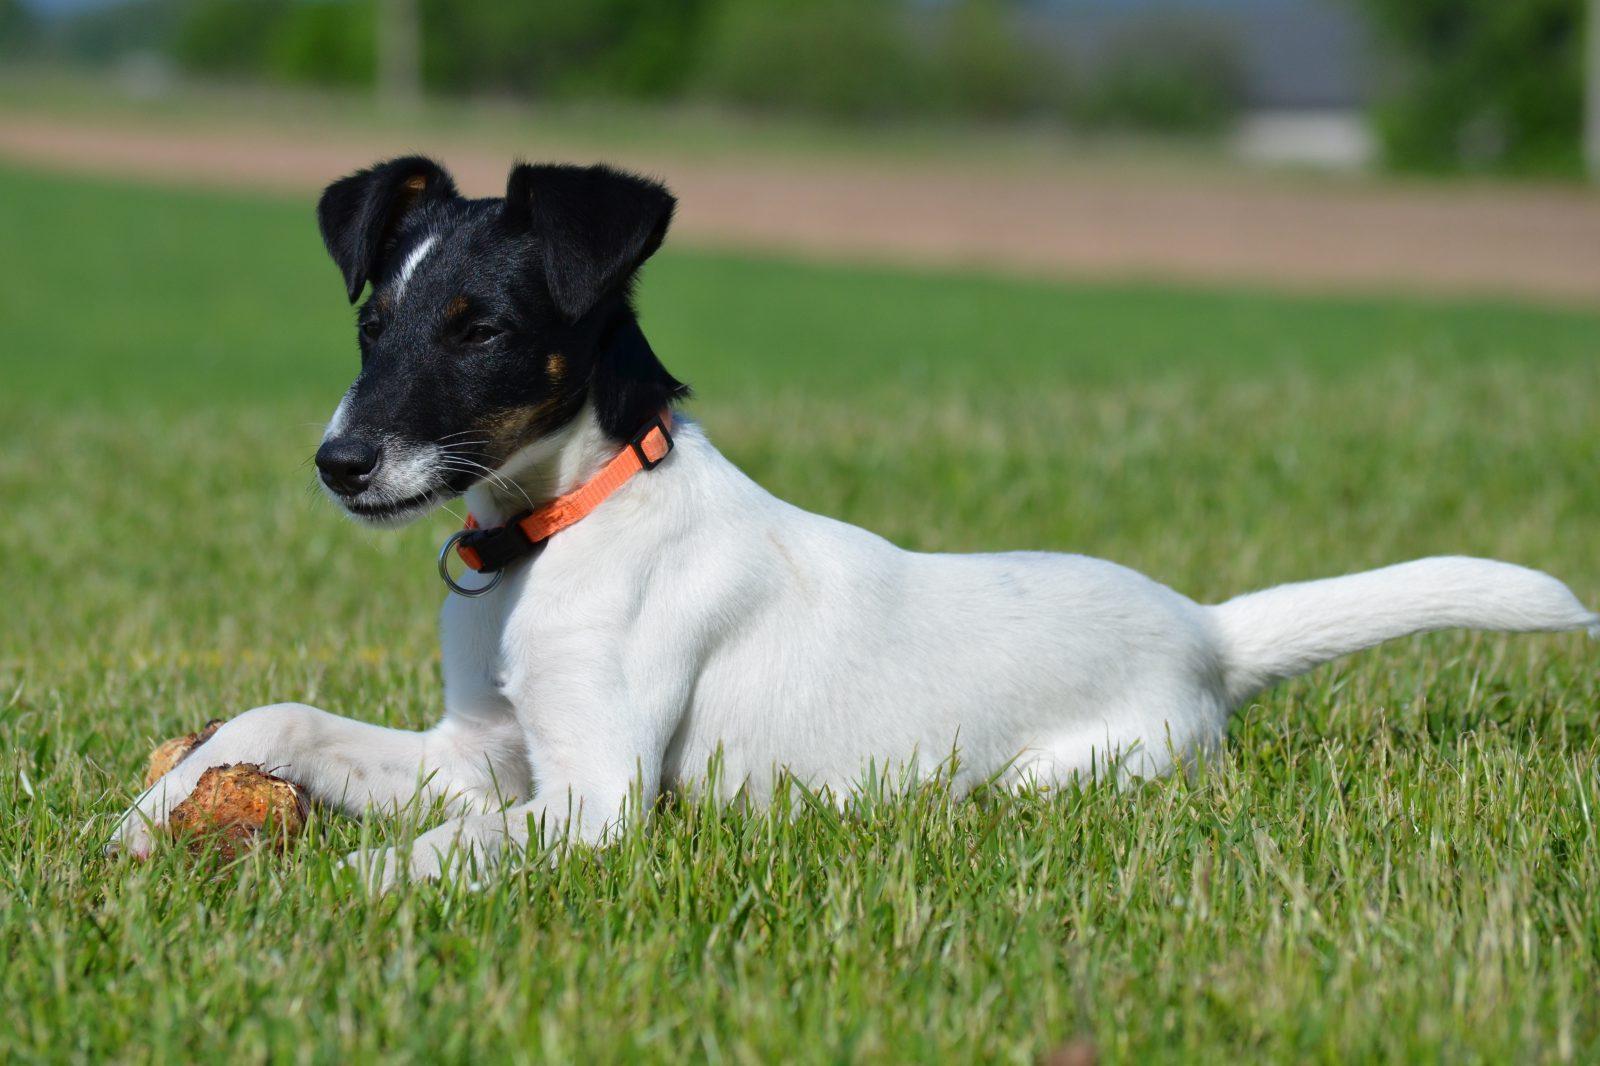 Cachorros de pequeno porte: Fox Terrier jogando bolinha no jardim.